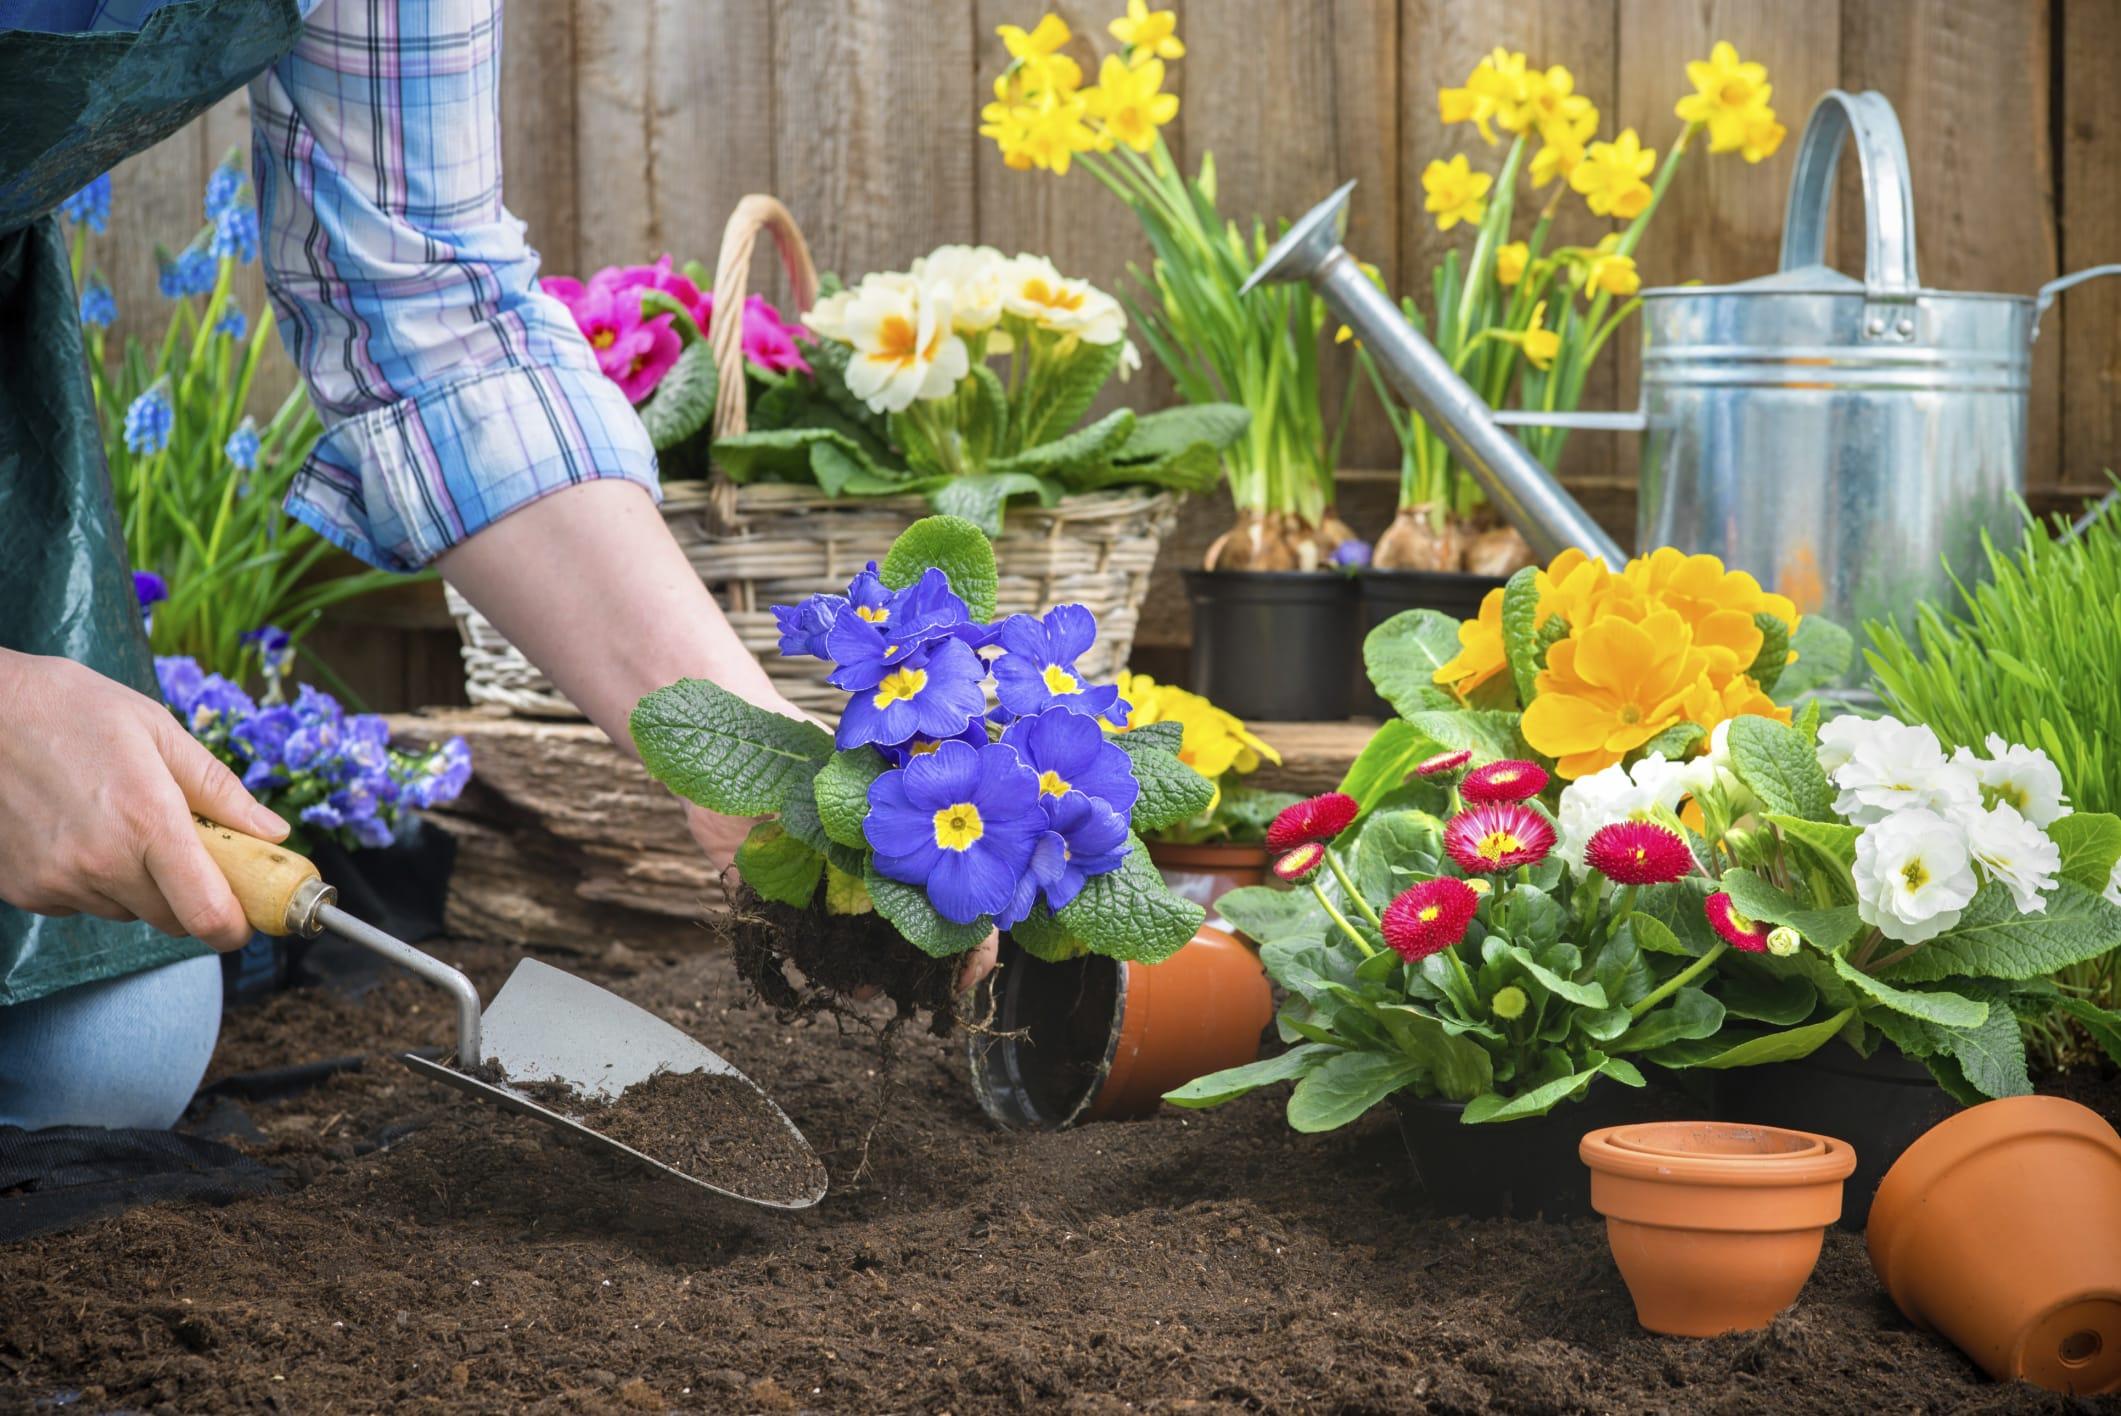 Attrezzi da giardino a batteria: leggeri, maneggevoli e facili da utilizzare